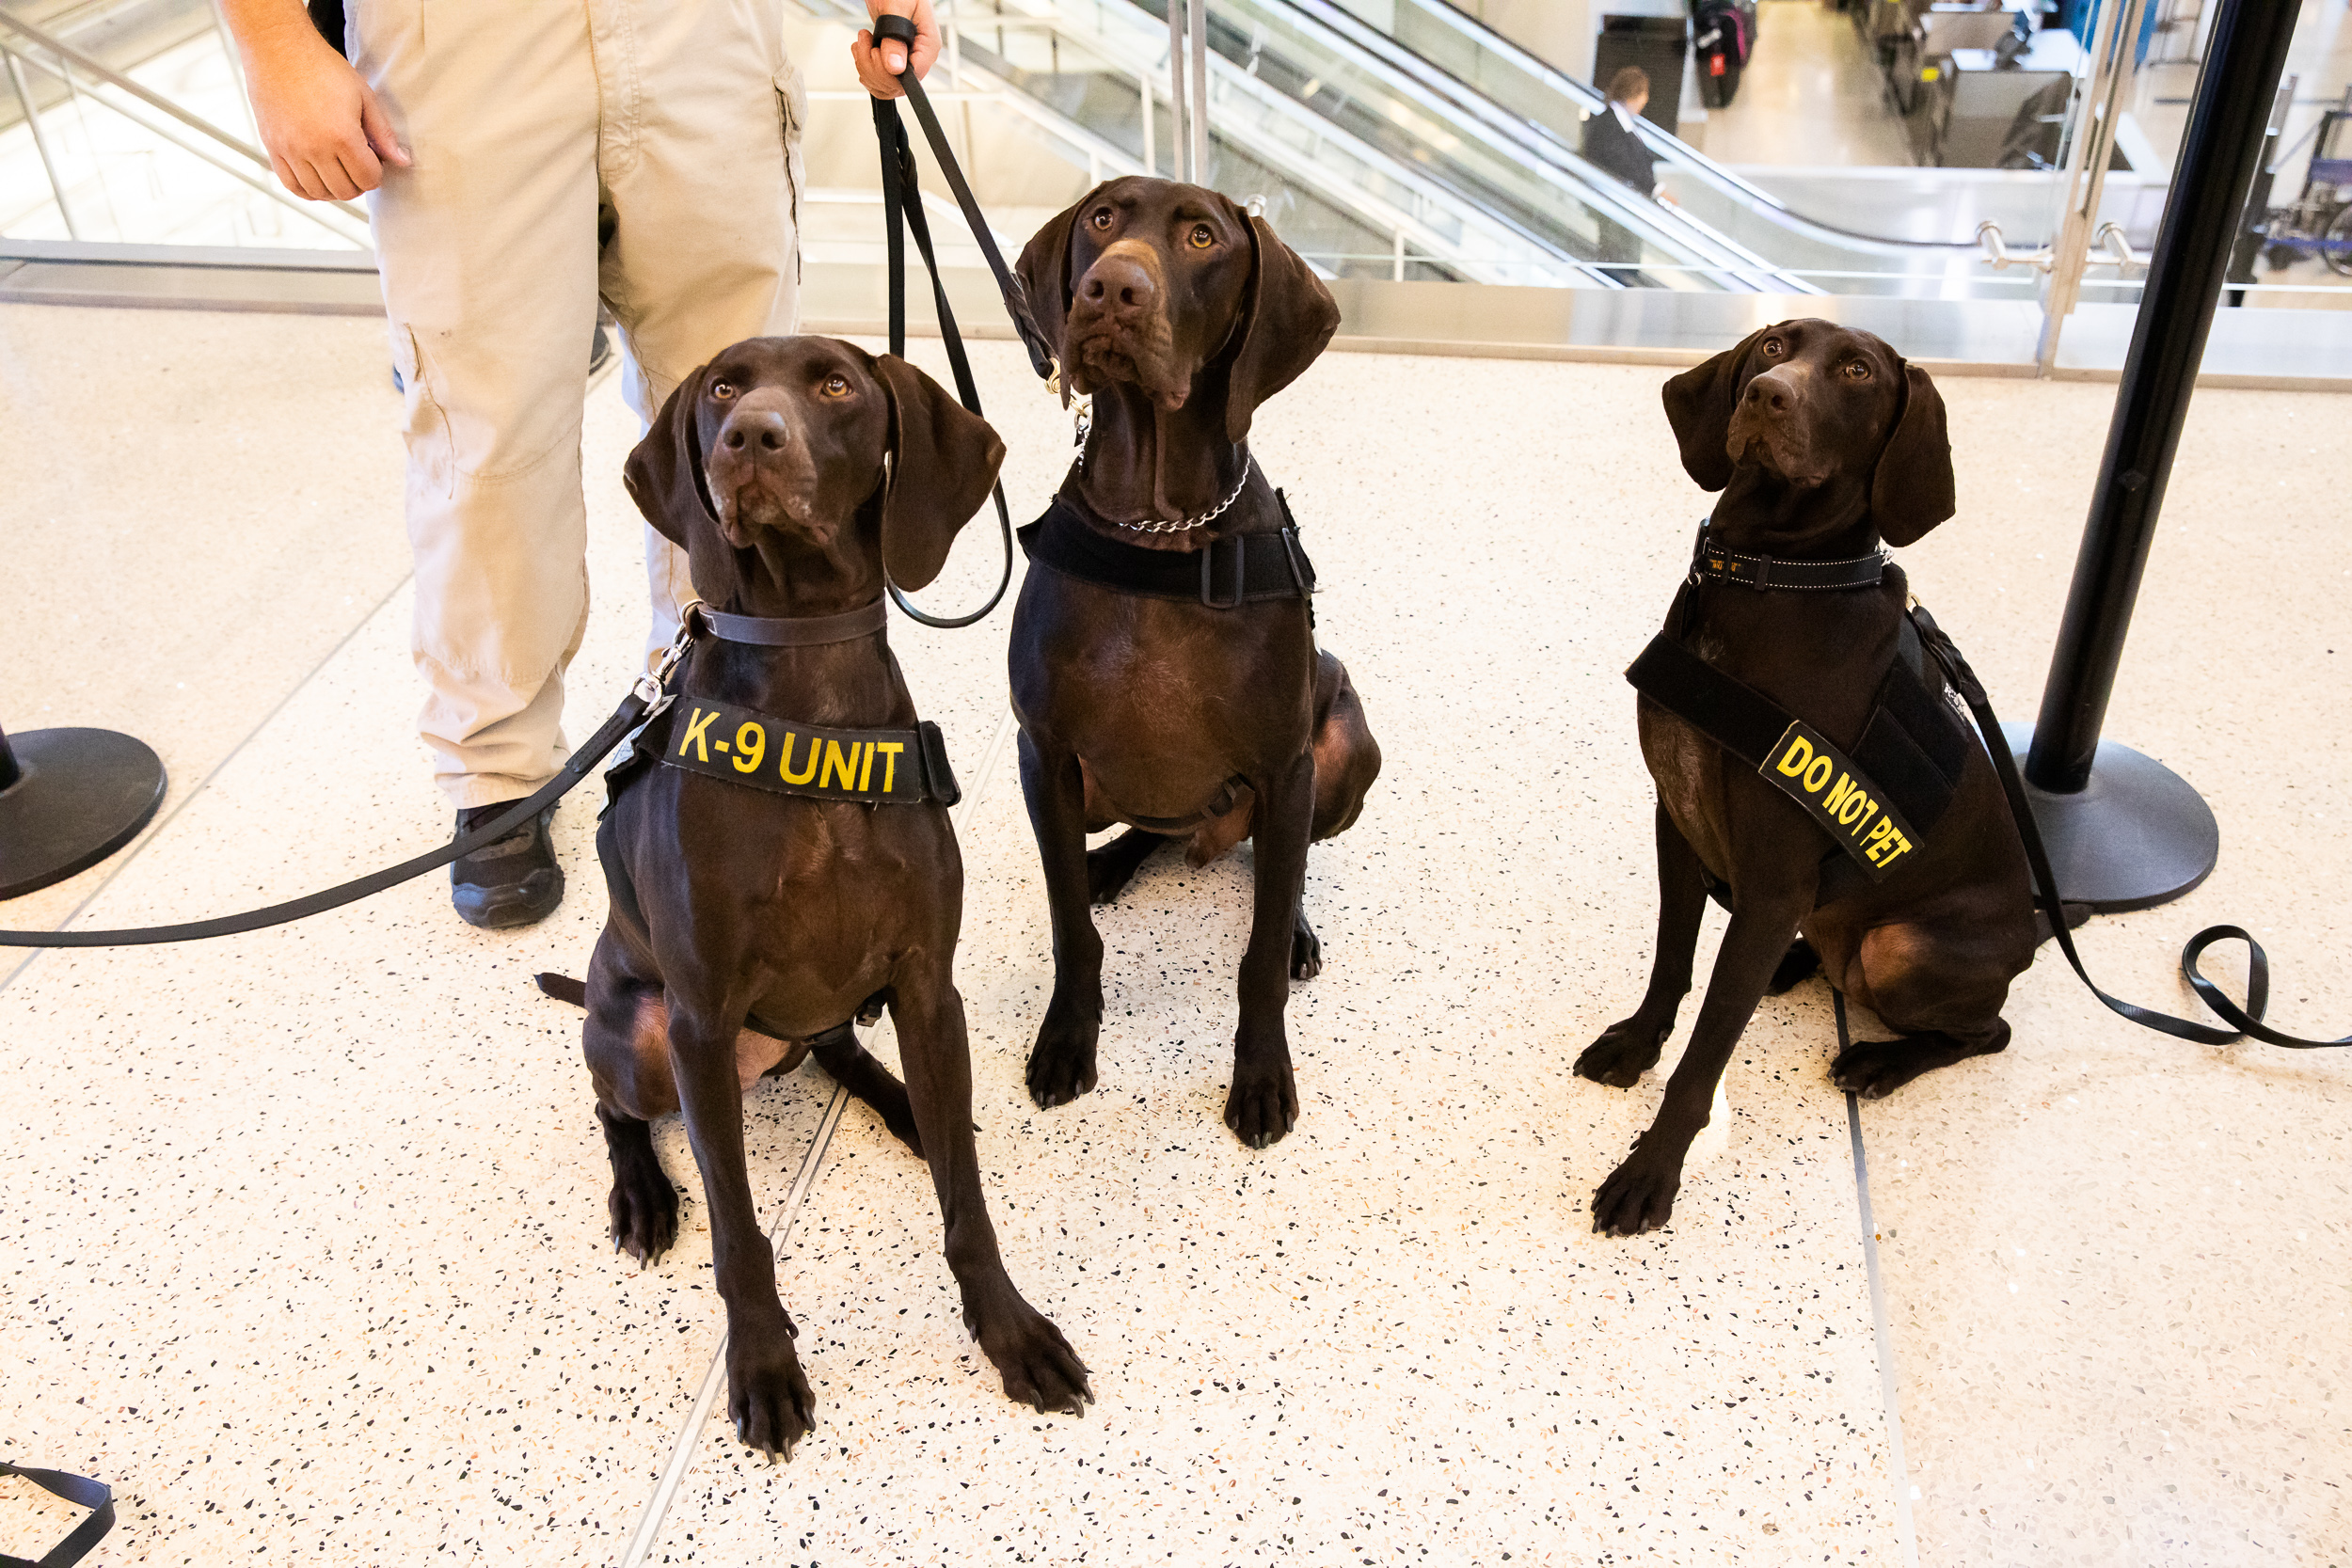 Tara Parekh TSA Canine LAX Photographs-08.jpg